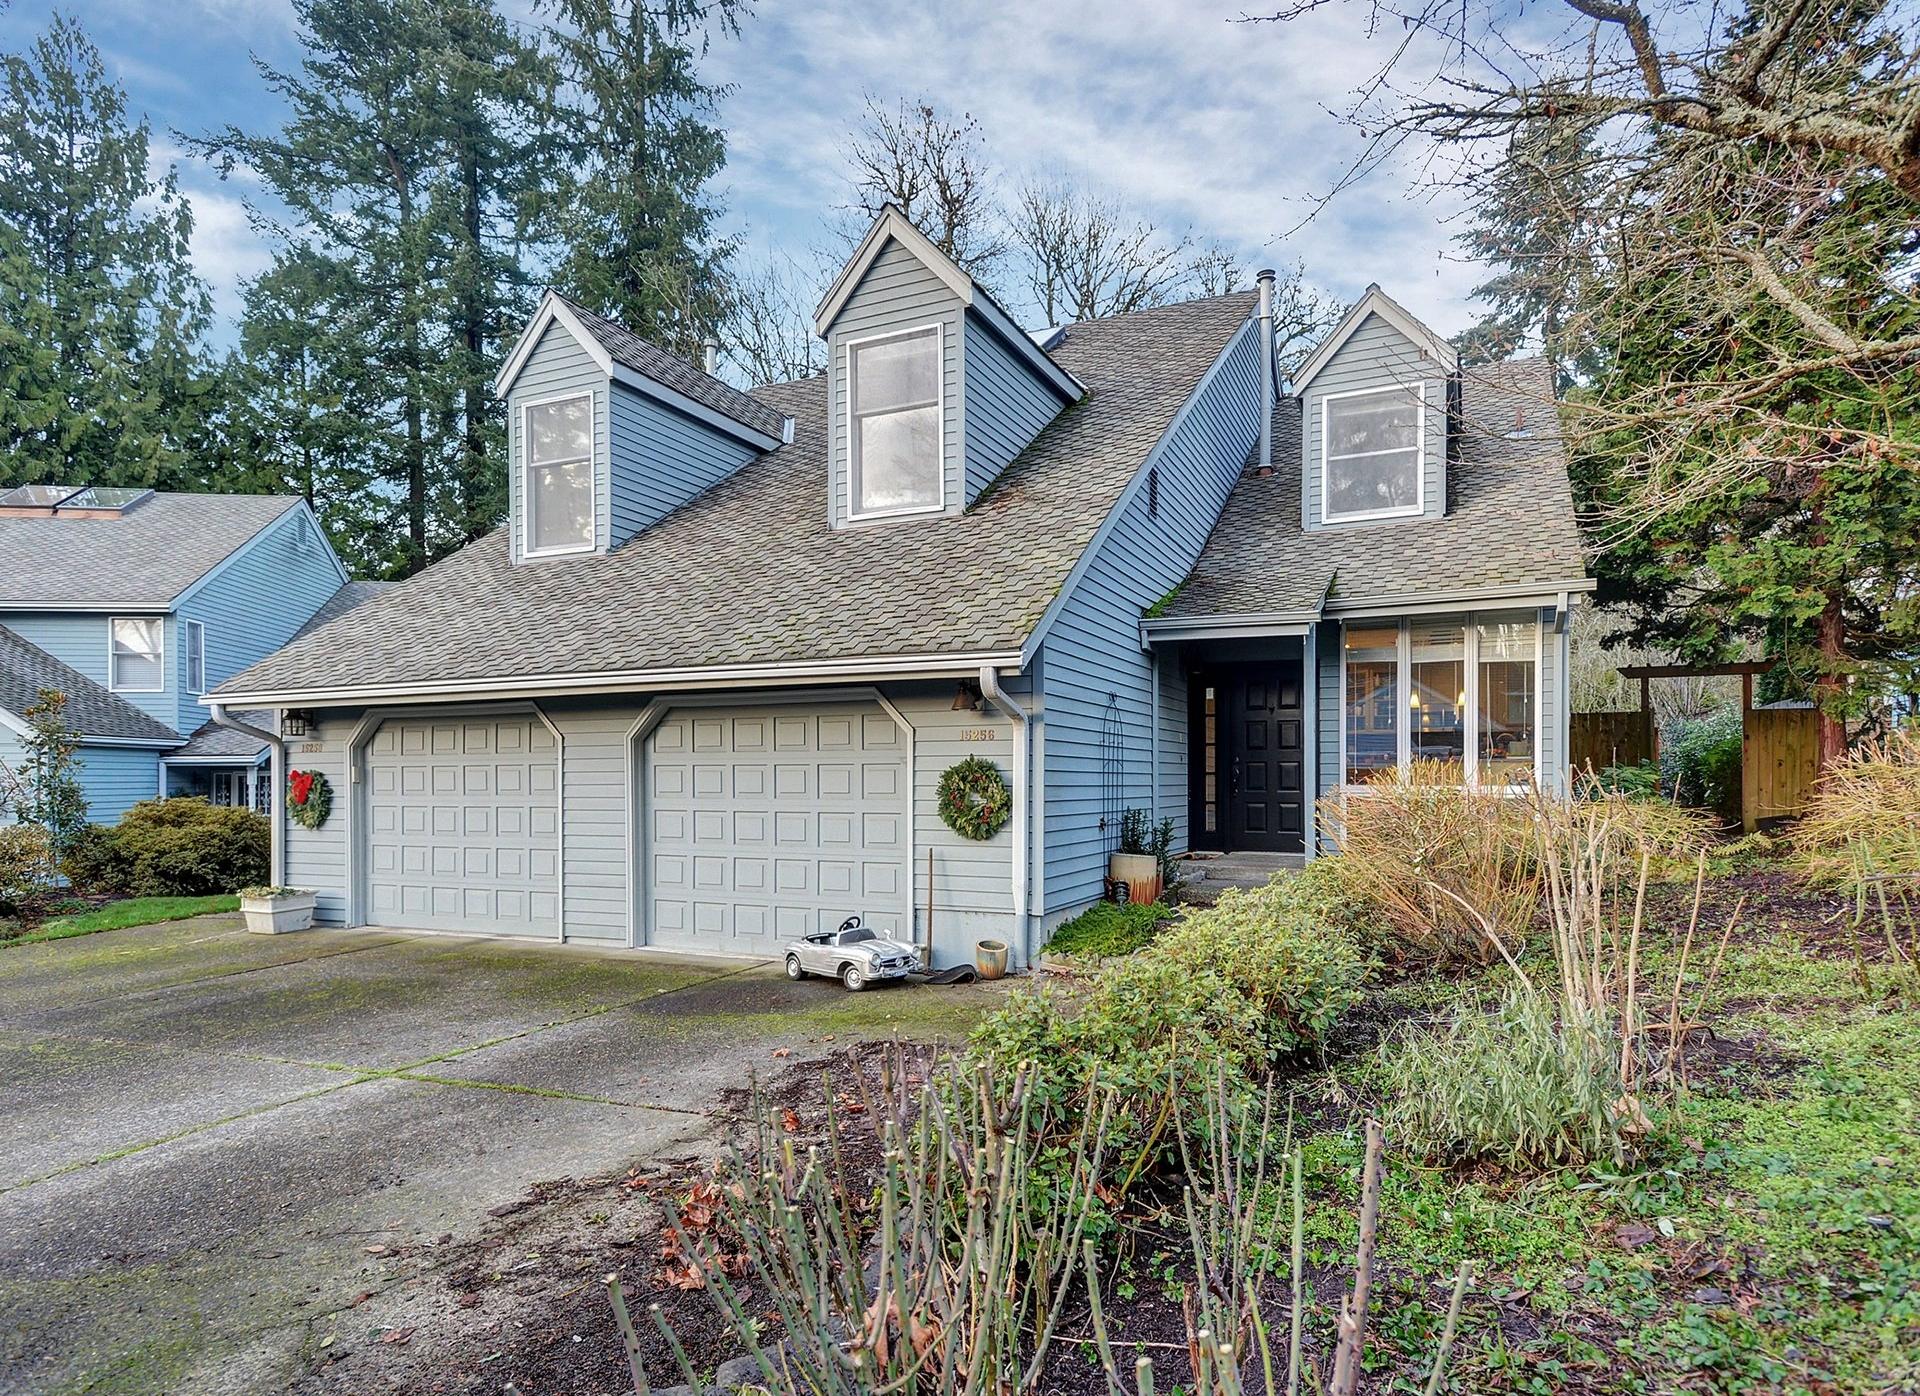 15256 Boones Way // $422,000